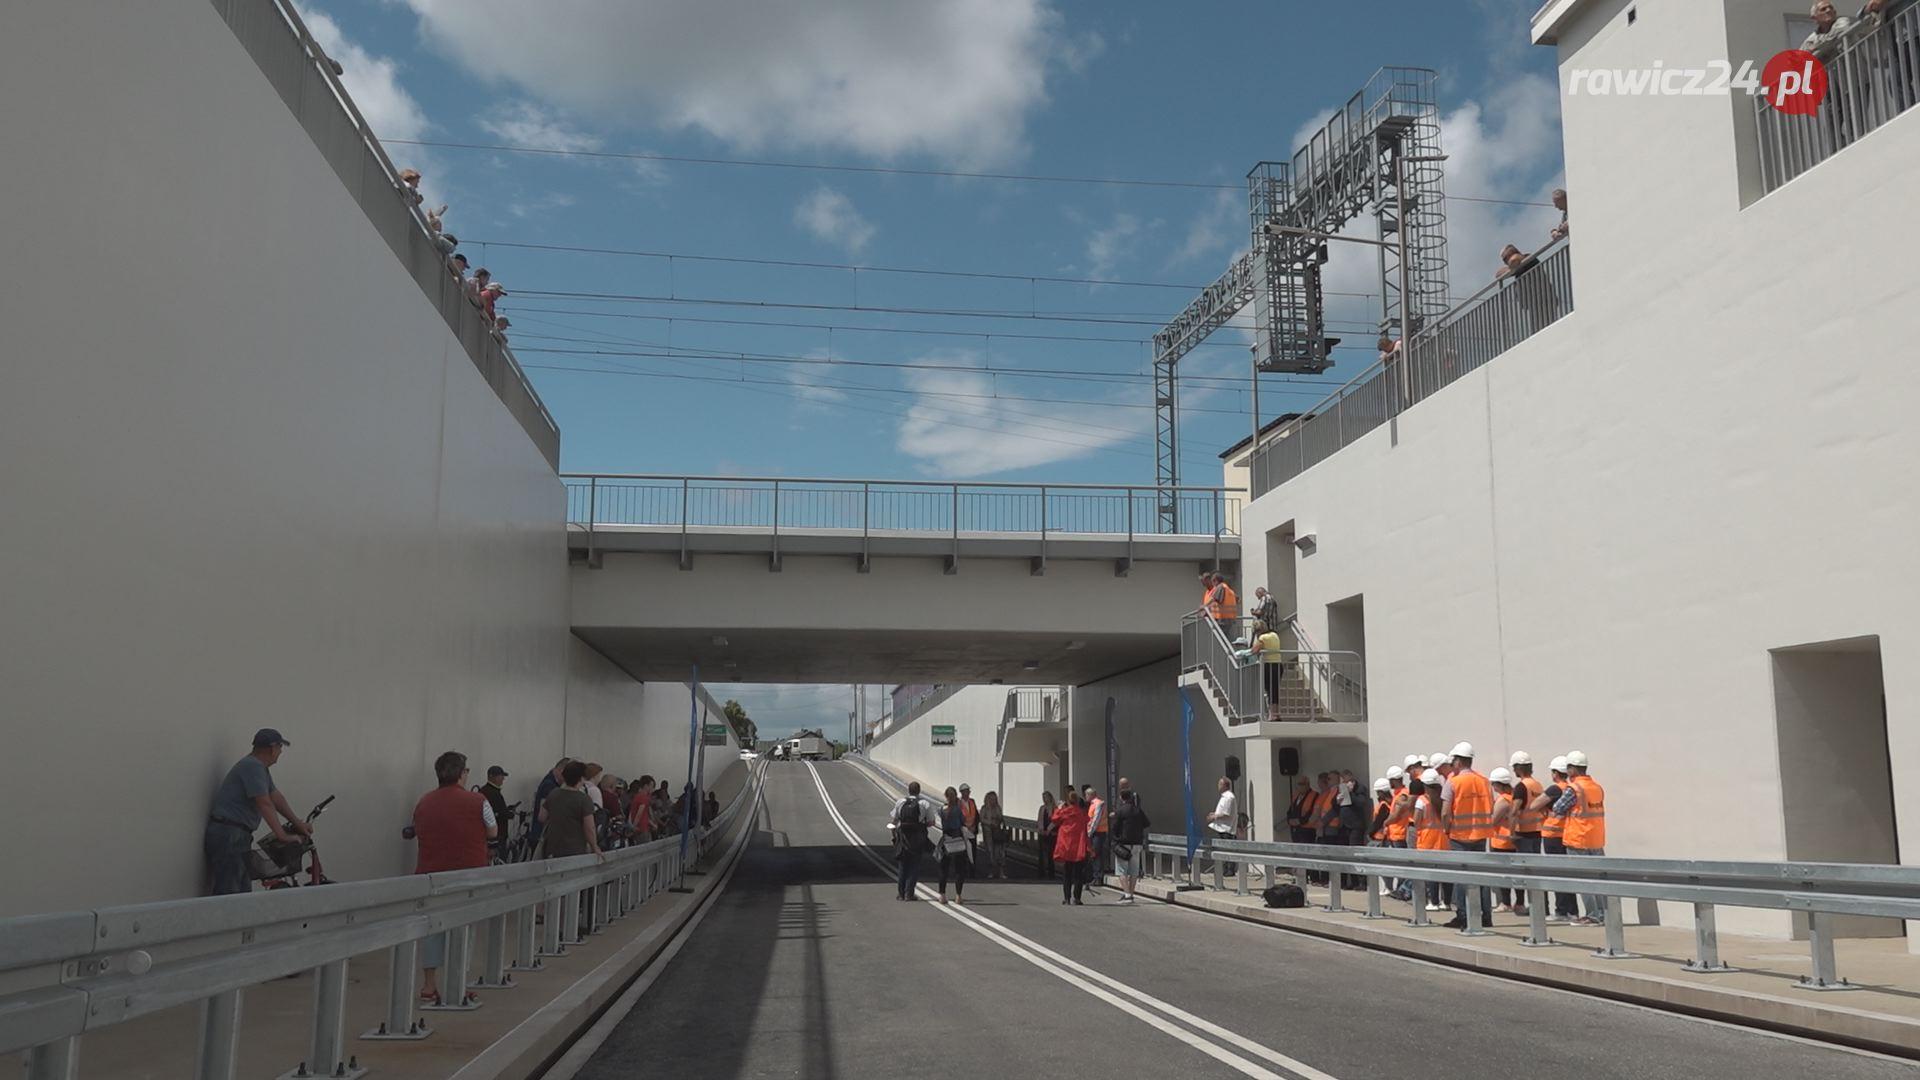 Tunel z Rawicza do Masłowa oficjalnie otwarty FOTO+FILM - Zdjęcie główne